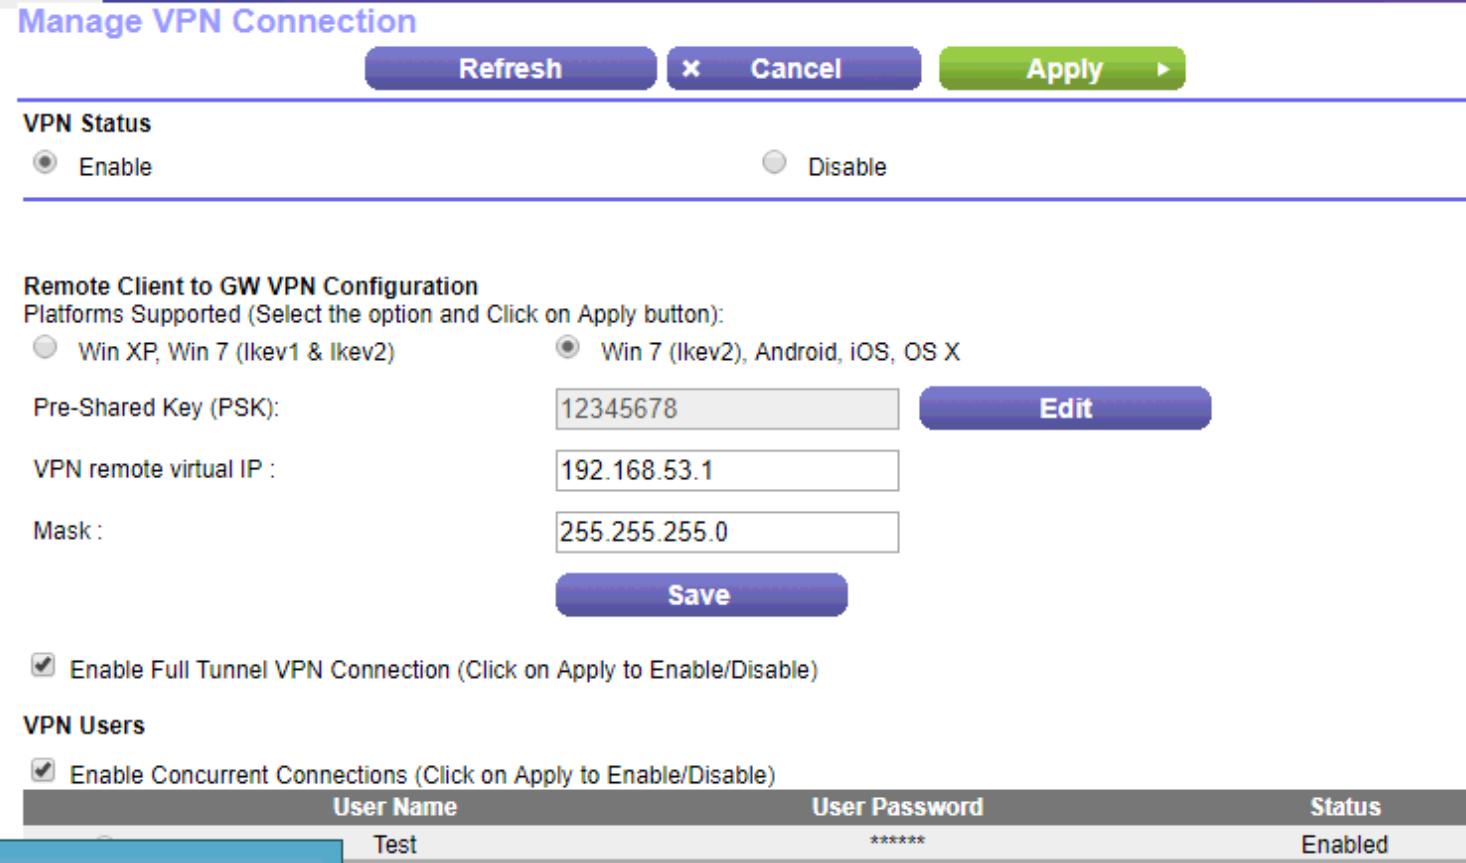 SOLUTION] Setup vpn in v7610 Telstra router